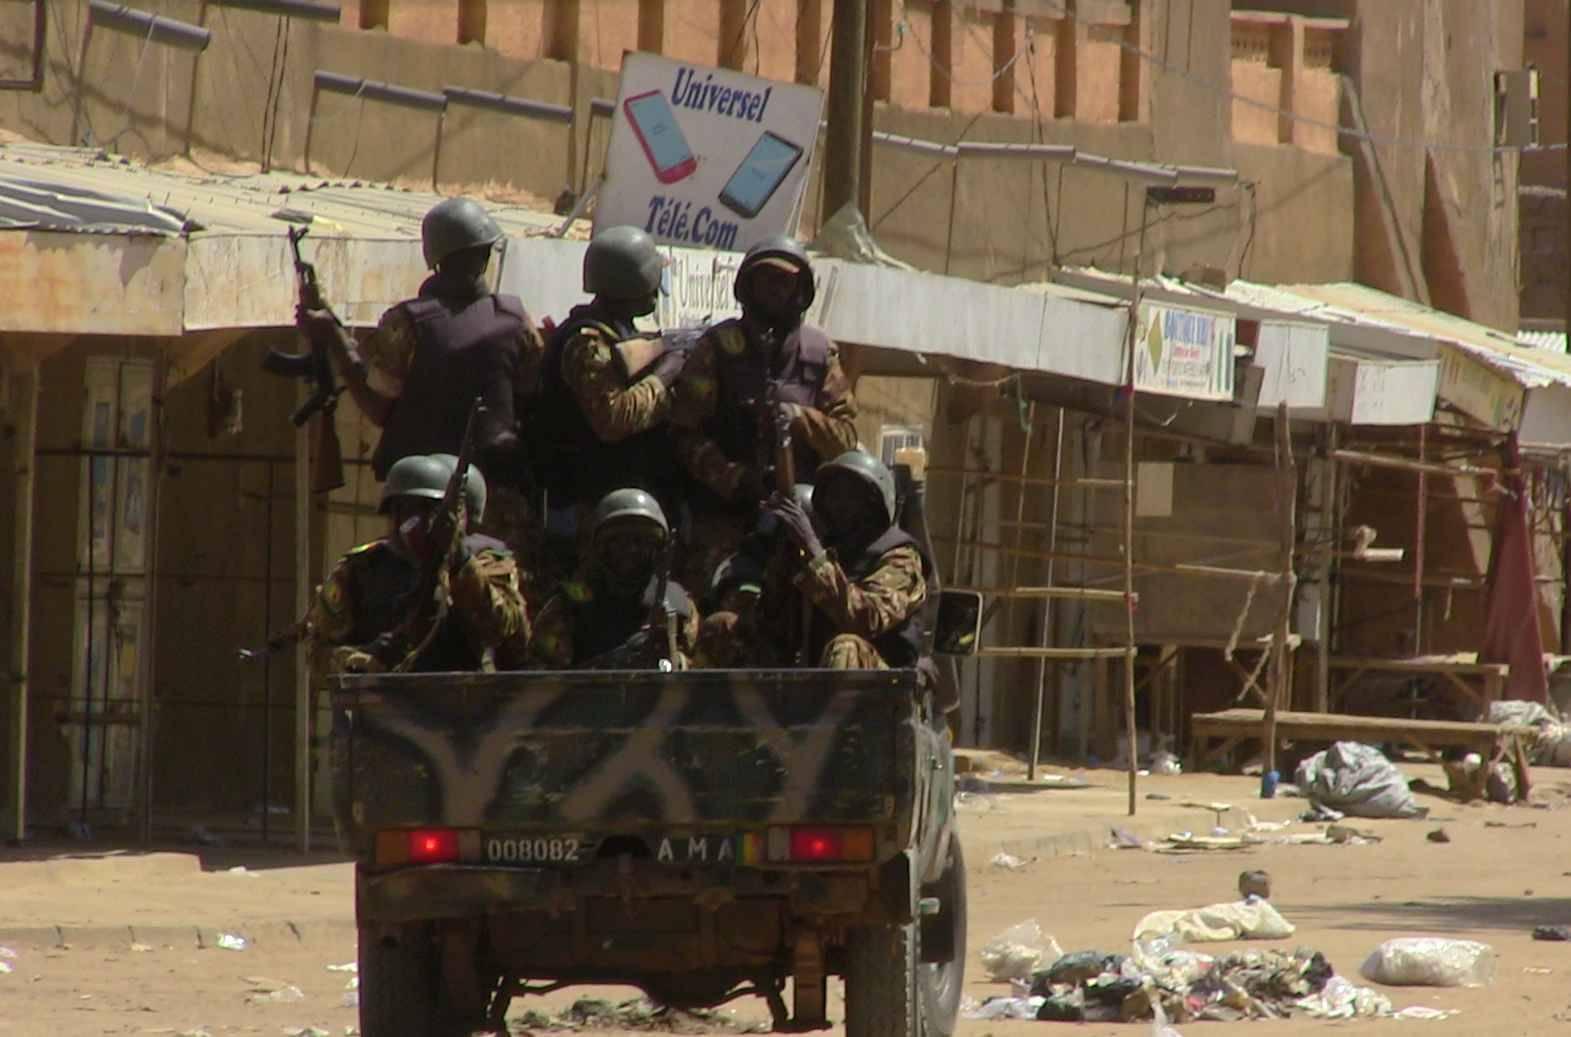 L'armée reprend Boni des mains des djihadistes - Septembre 04, 2016 2048x1536-fit_soldats-maliens-gao-12-juillet-2016